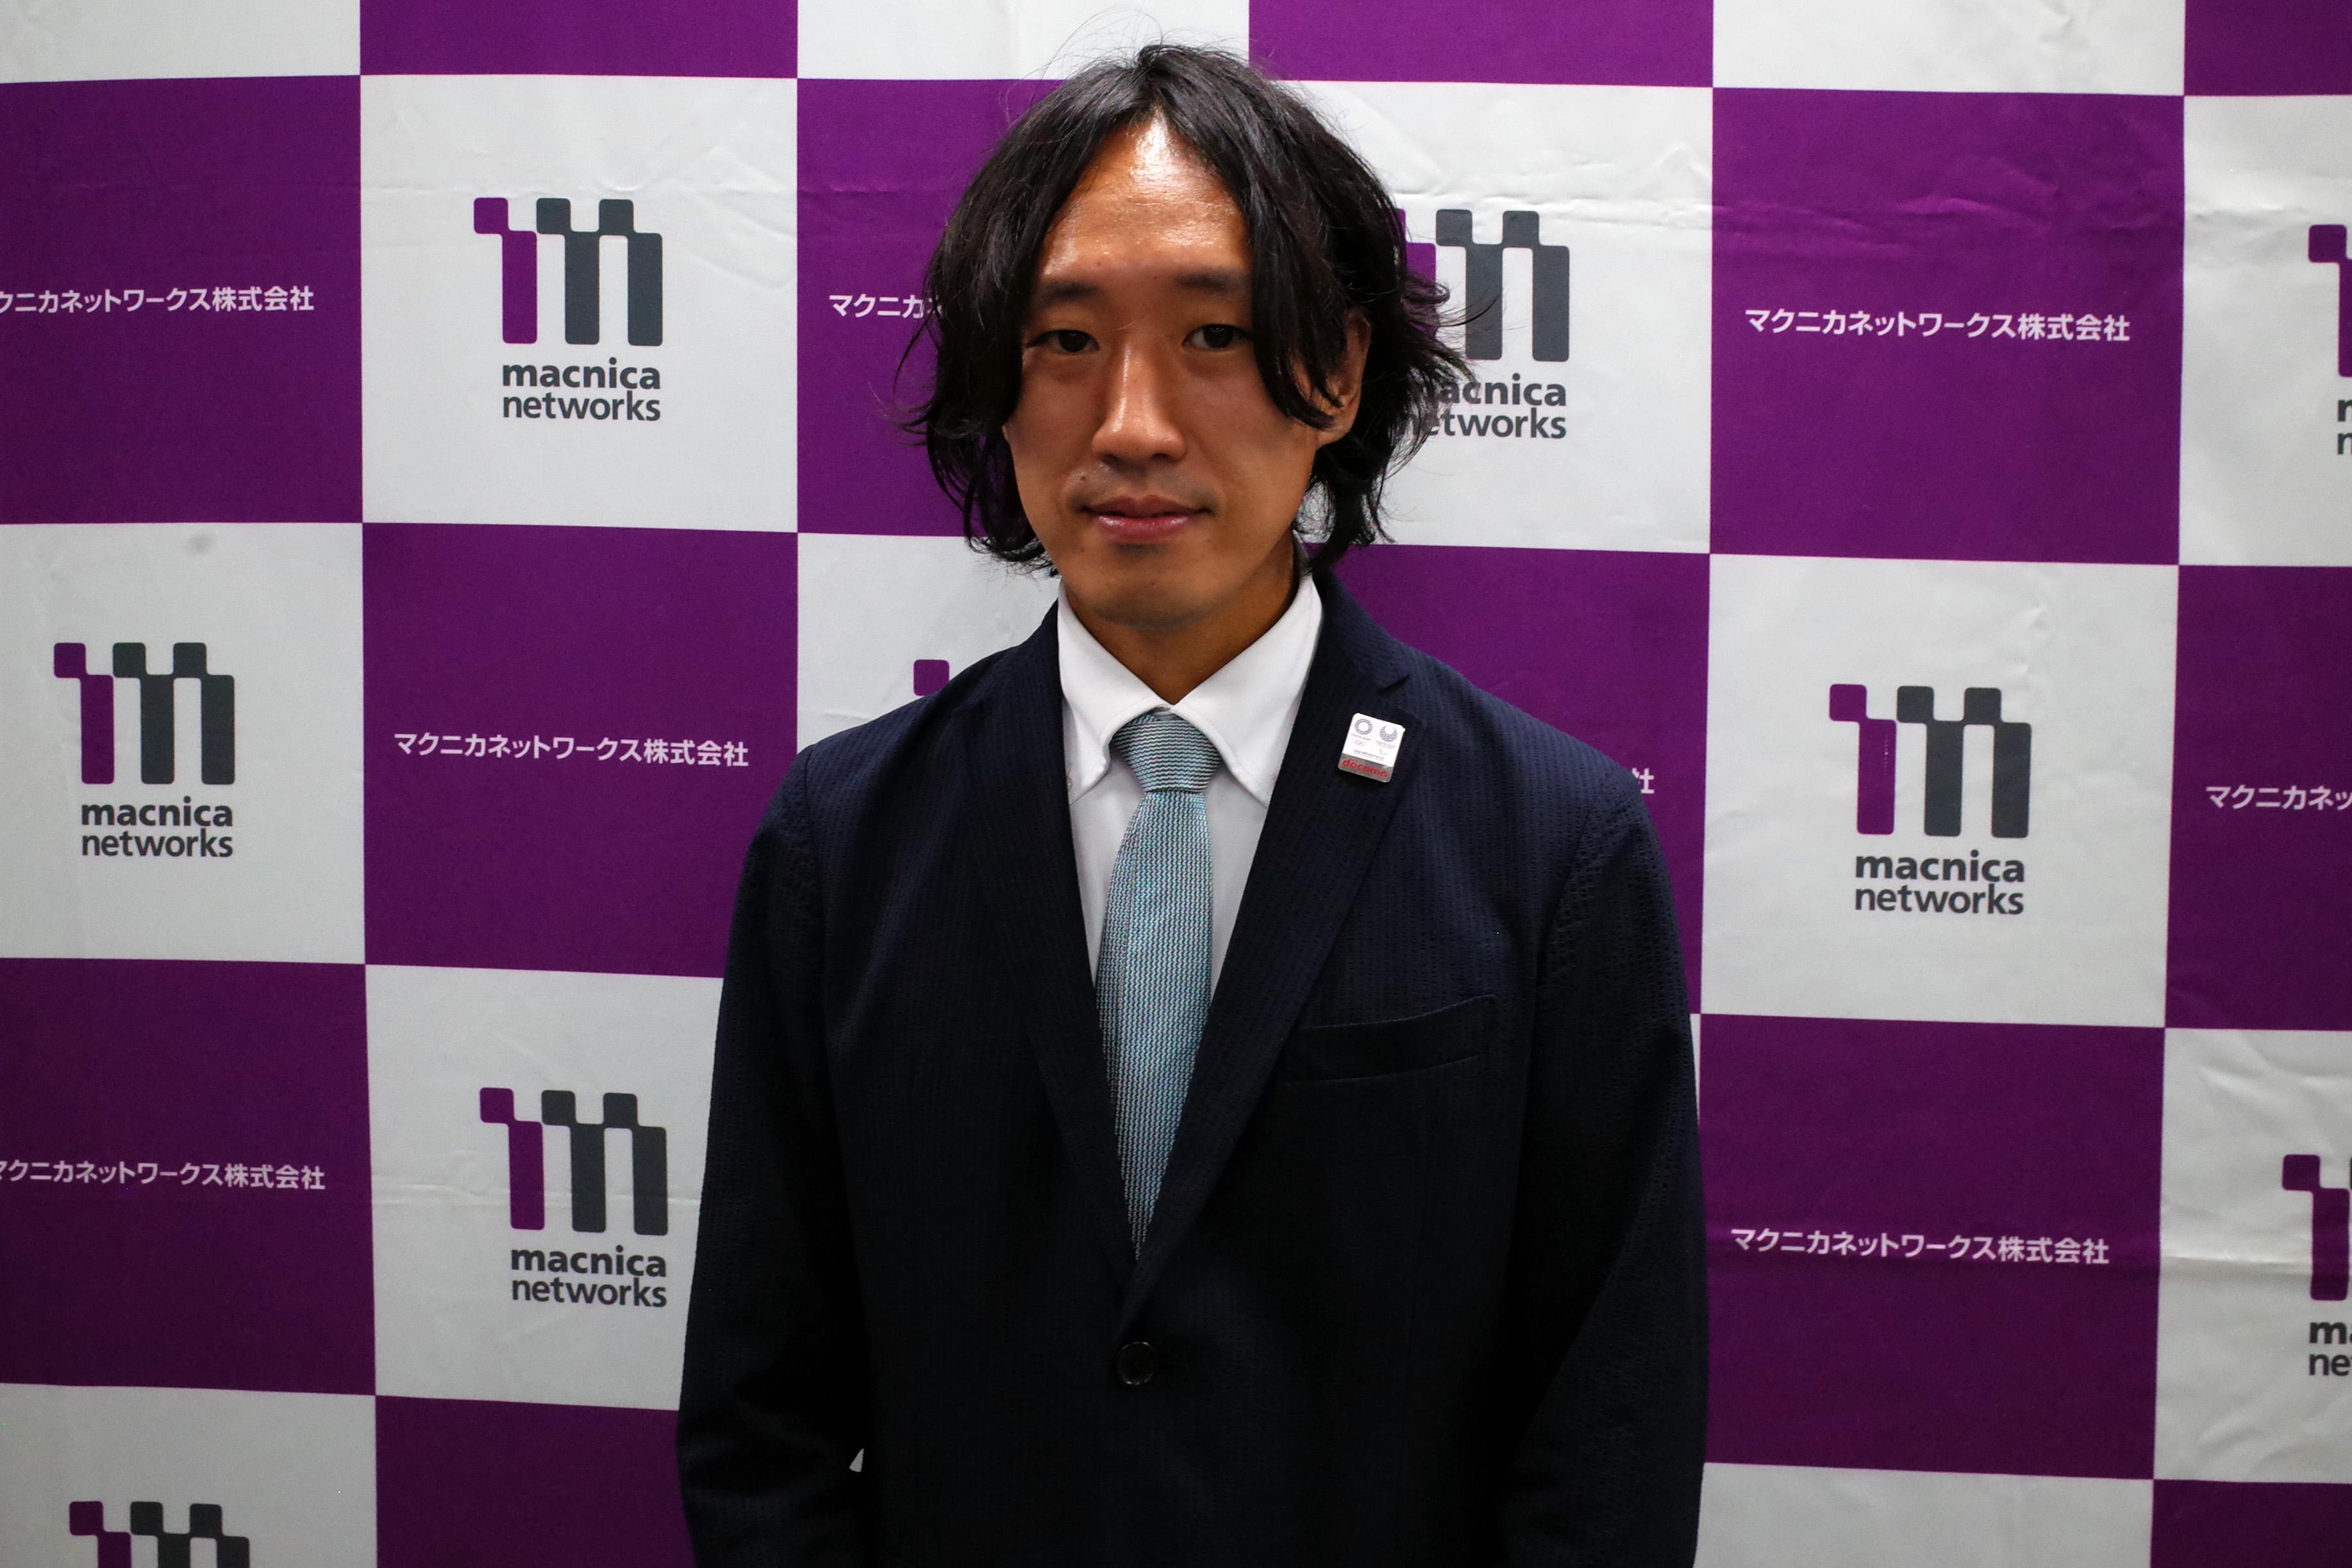 株式会社NTTドコモの田中威津馬氏(国際事業部イノベーション担当課長)